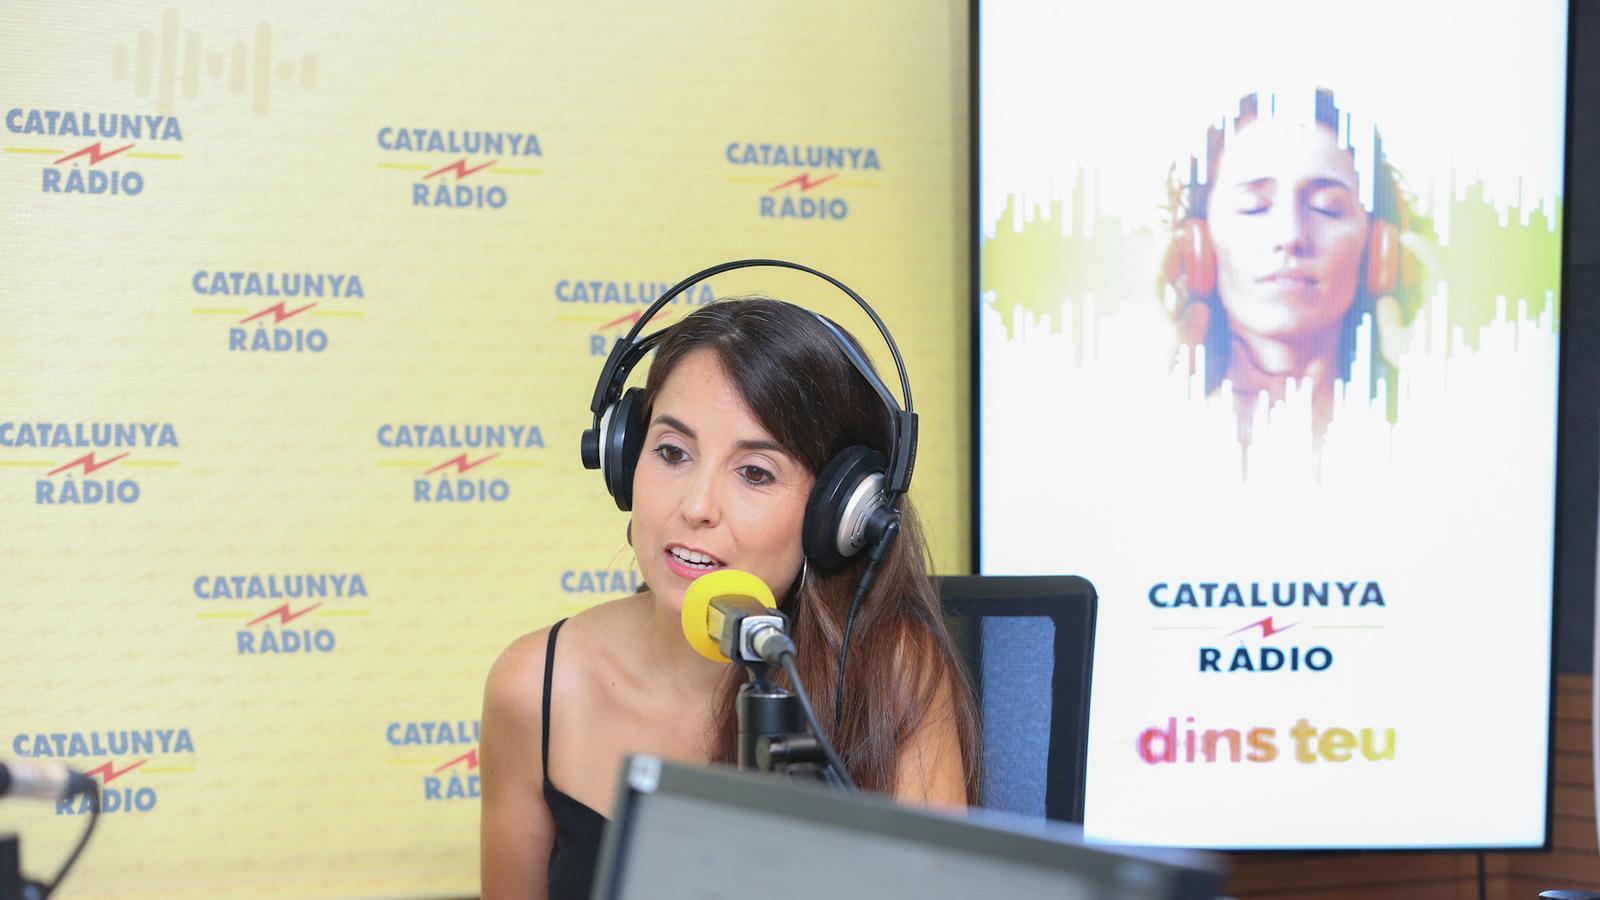 El consell professional de Catalunya Ràdio critica l'editorial de Laura Rosel sobre Oriol Mitjà